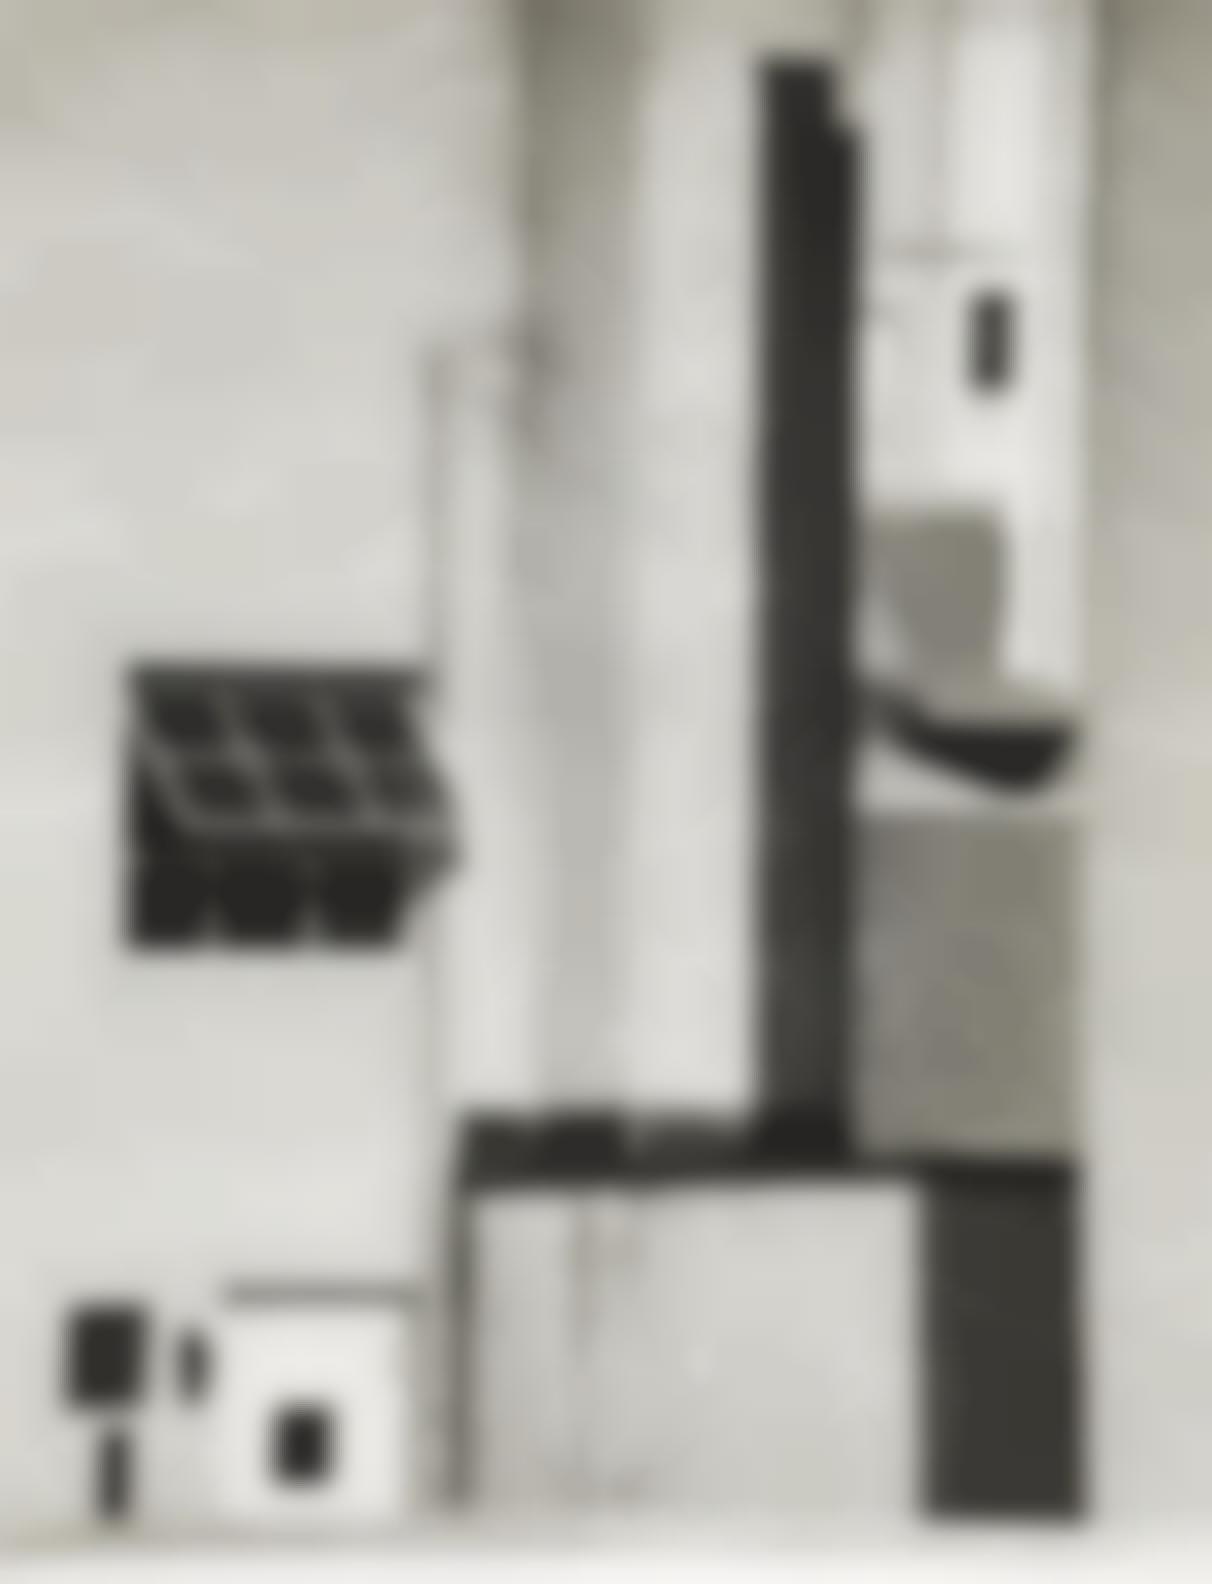 Andre Kertesz-Brick Walls-1961